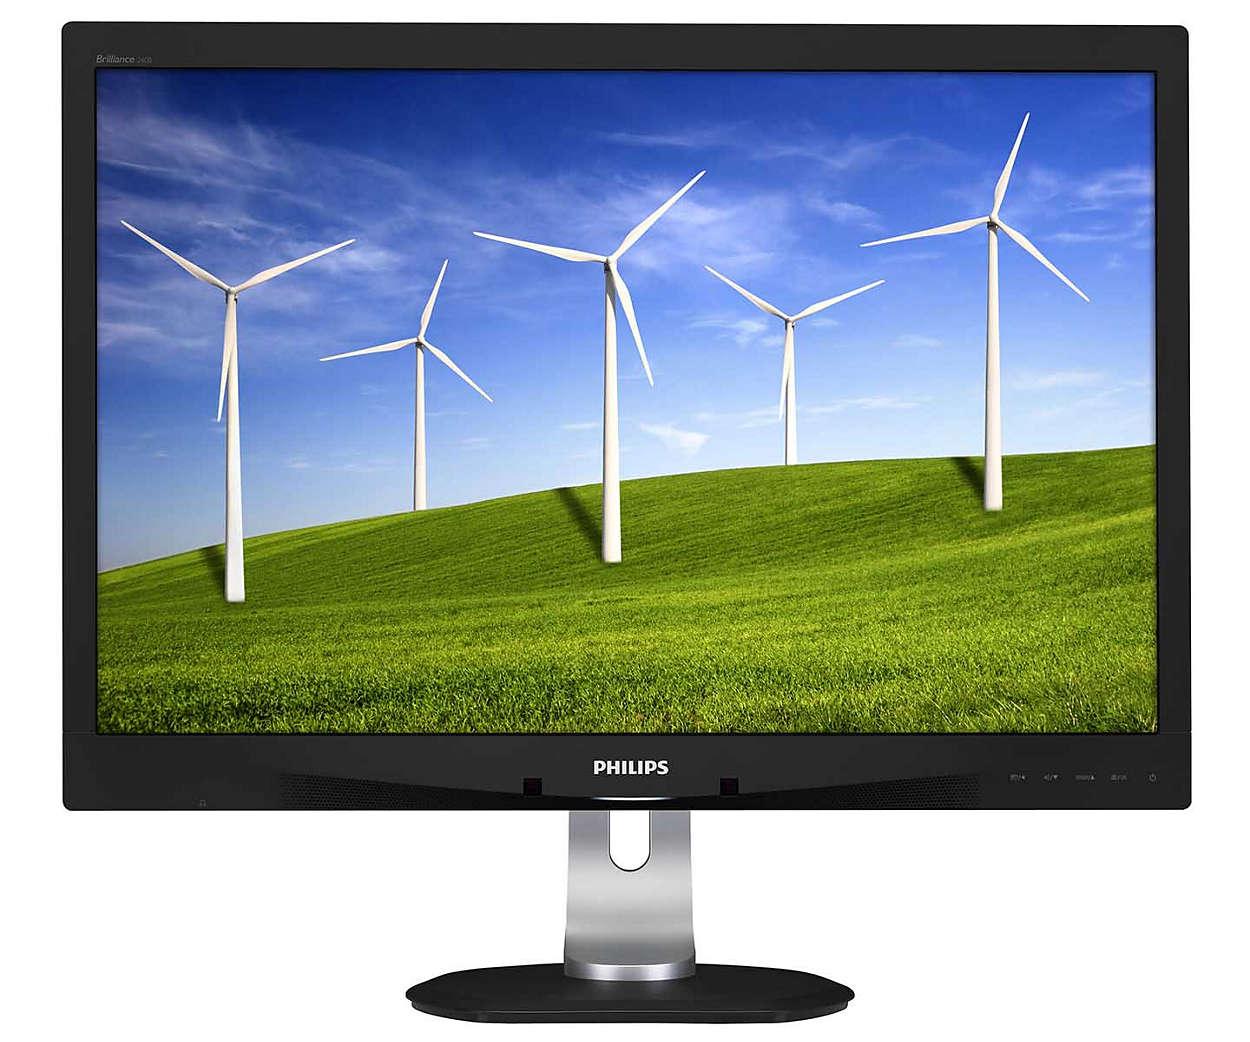 Дисплей с устойчив екологичен дизайн